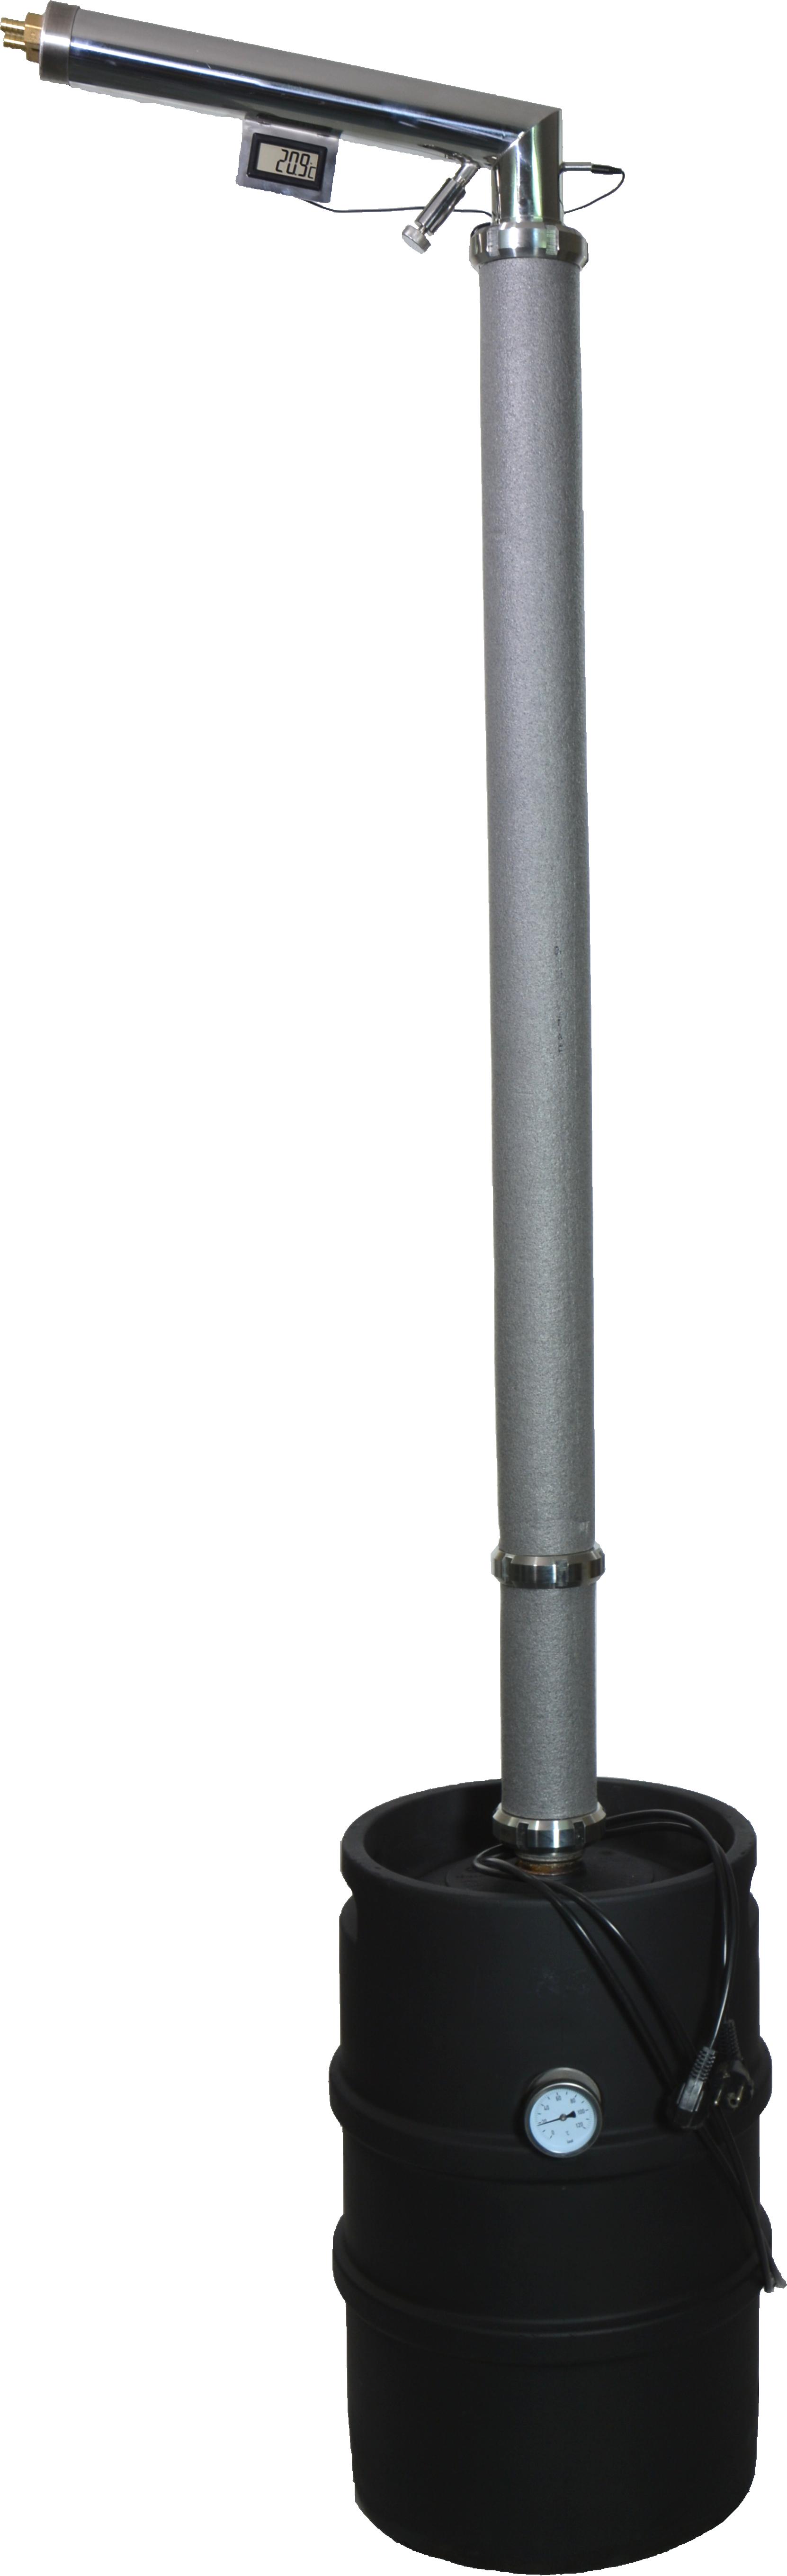 Destylator-aabratek-3xSMS